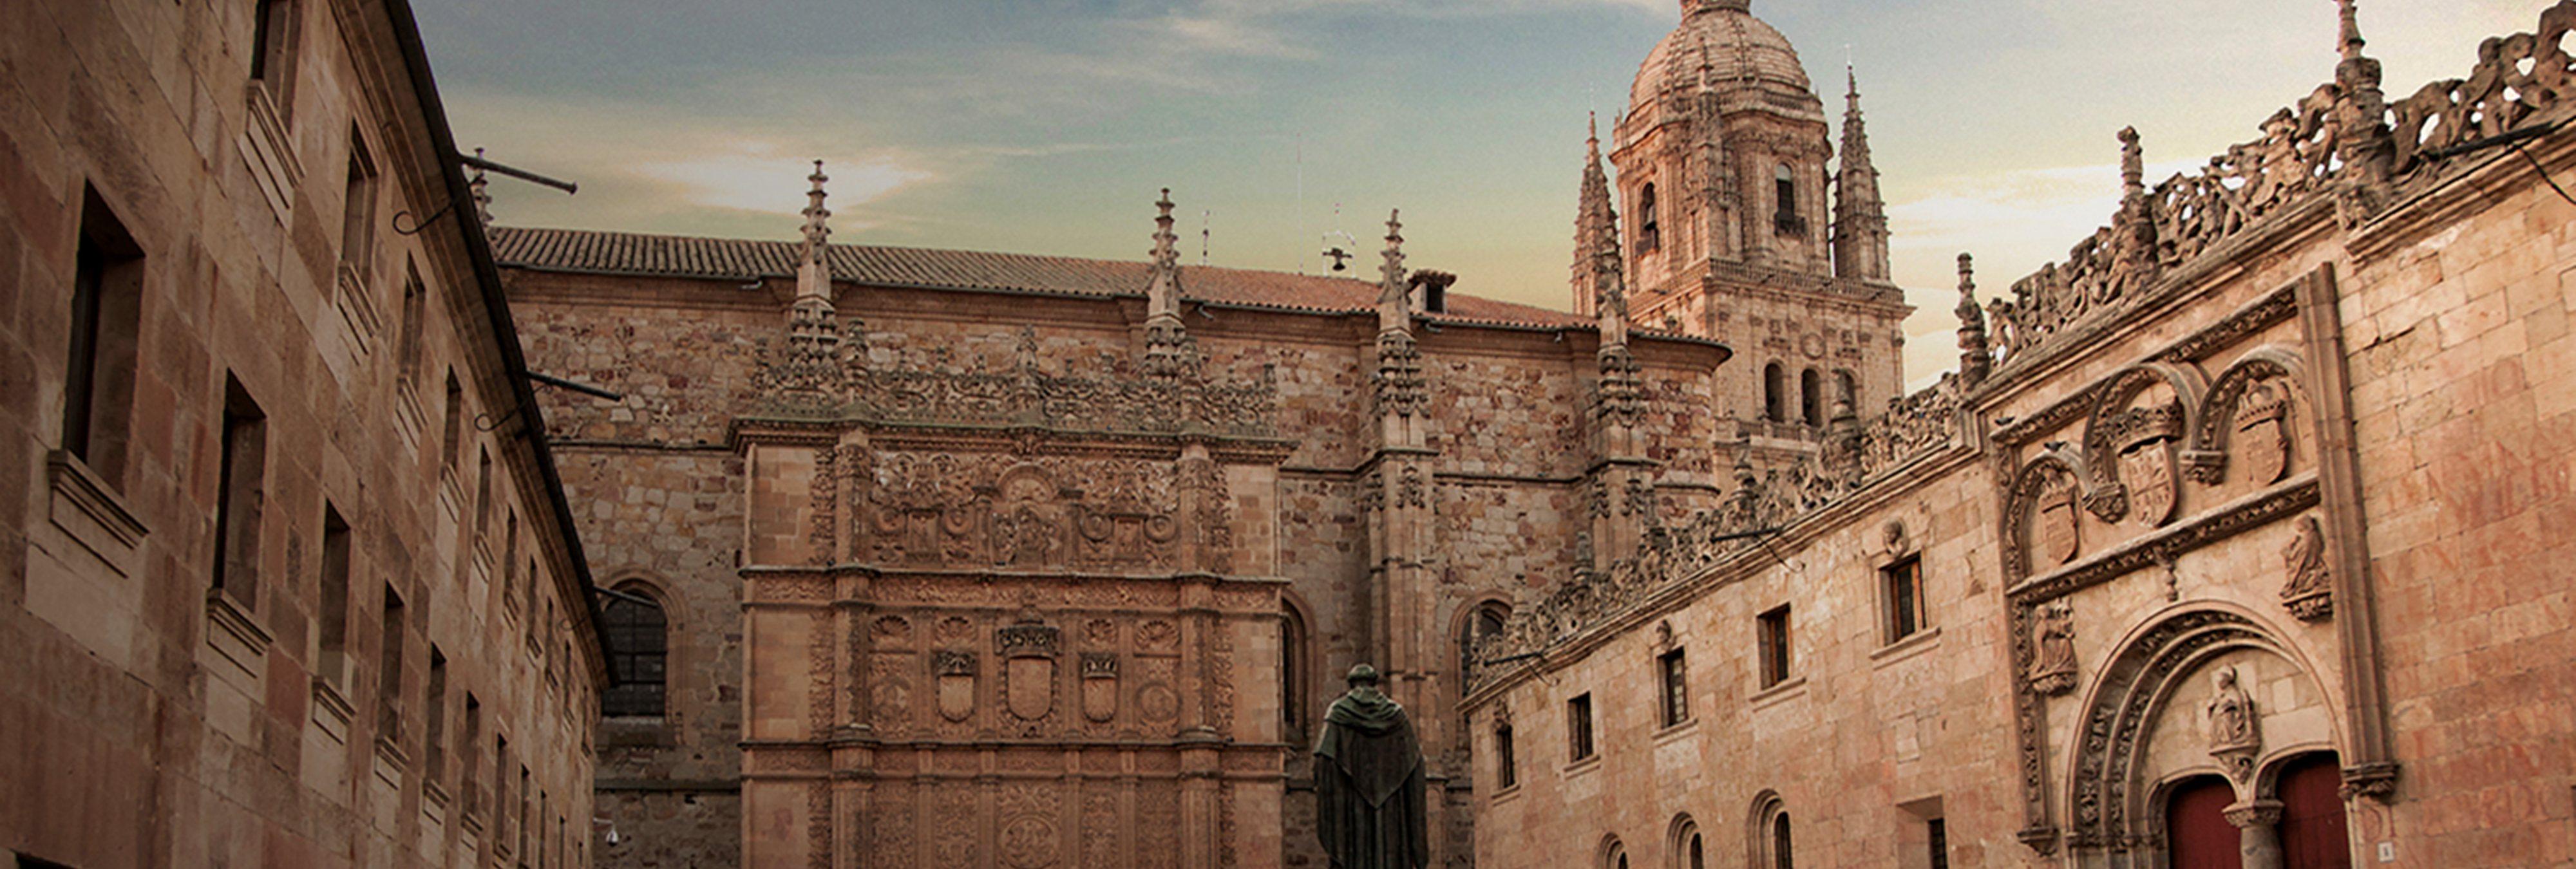 Muere a los 22 años en Salamanca la chica de los exorcismos por sobredosis de pastillas